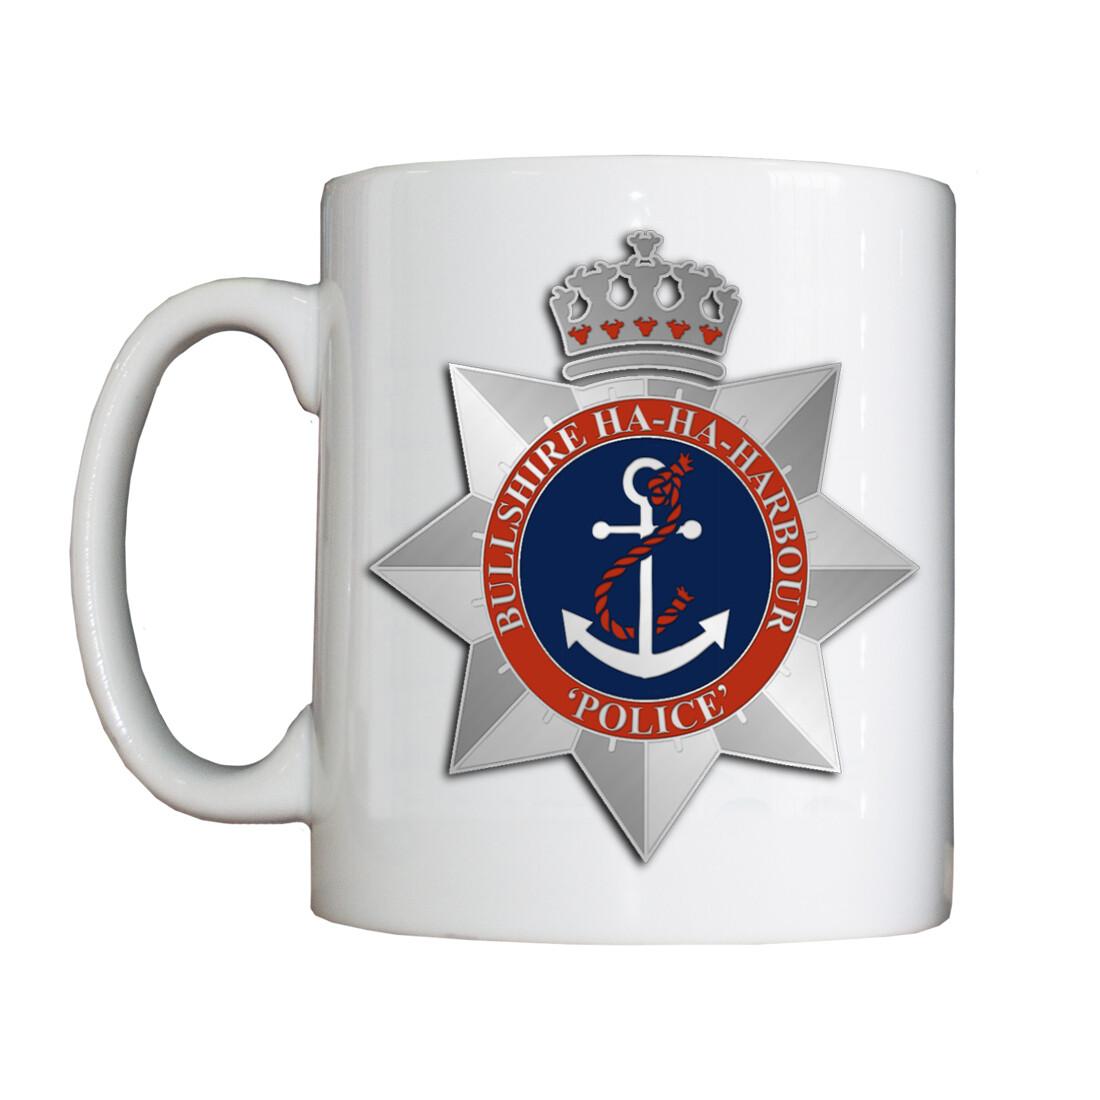 Personalised 'Ha-Ha-Harbour Police' Drinking Vessel